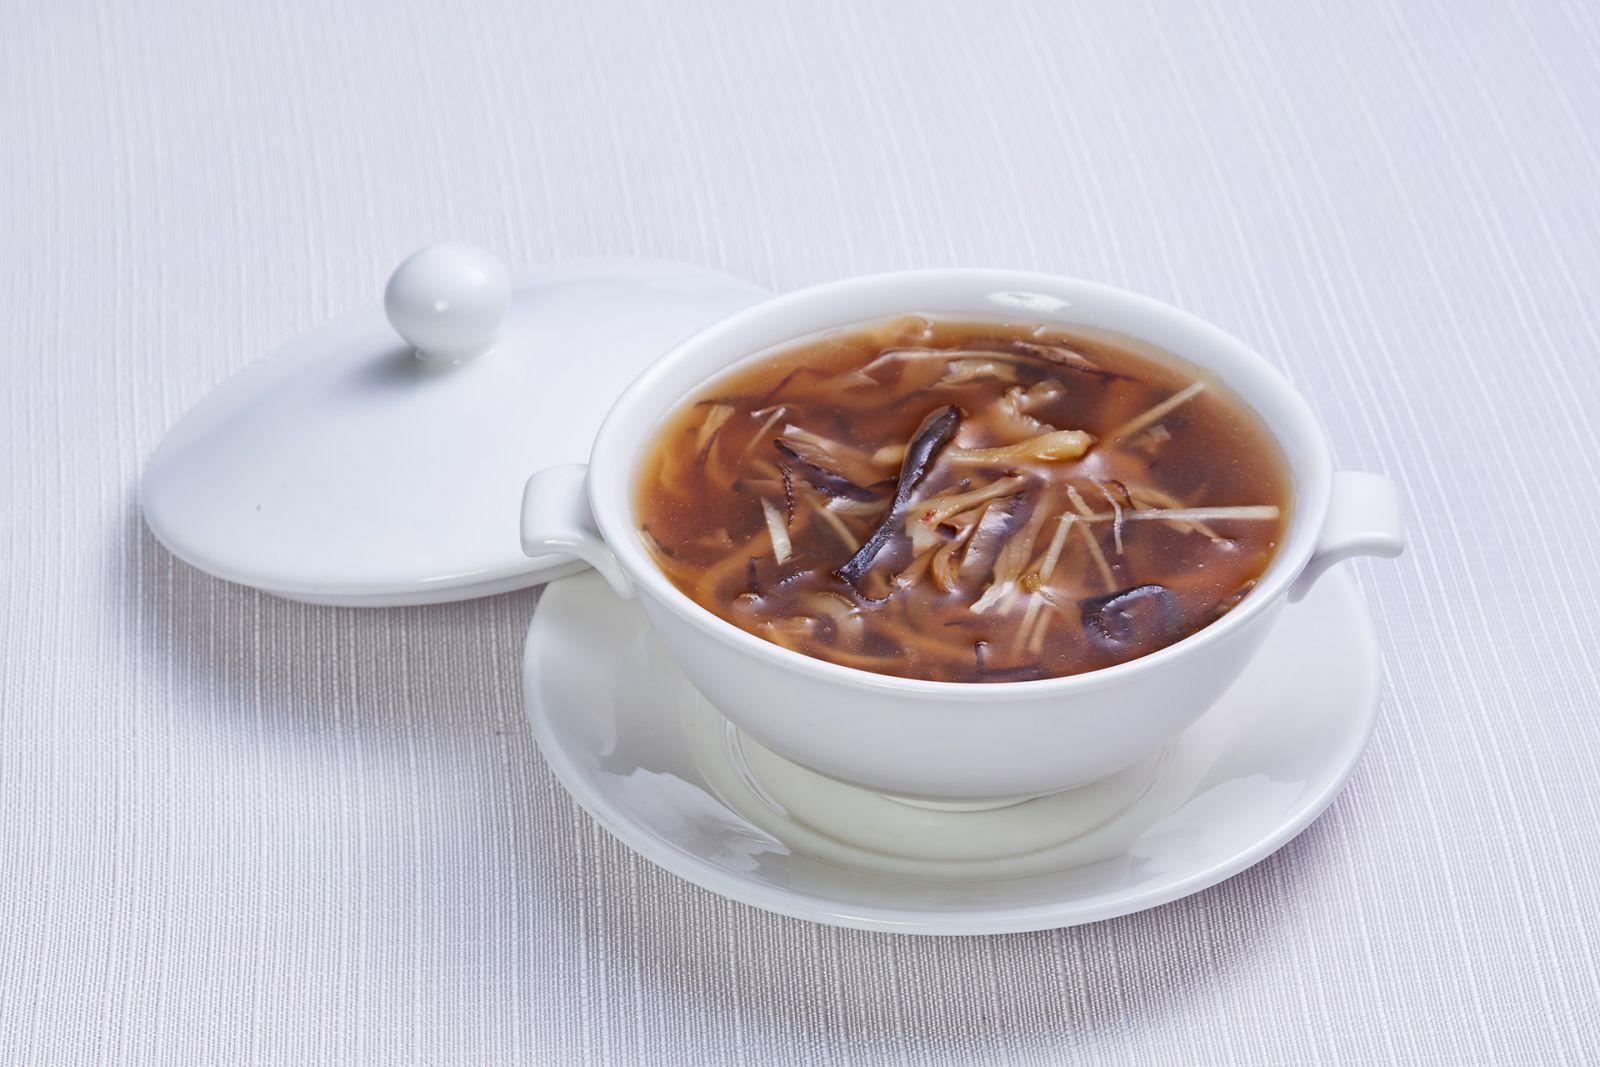 高雄國賓大飯店粵菜廳花膠海參燴雞絲